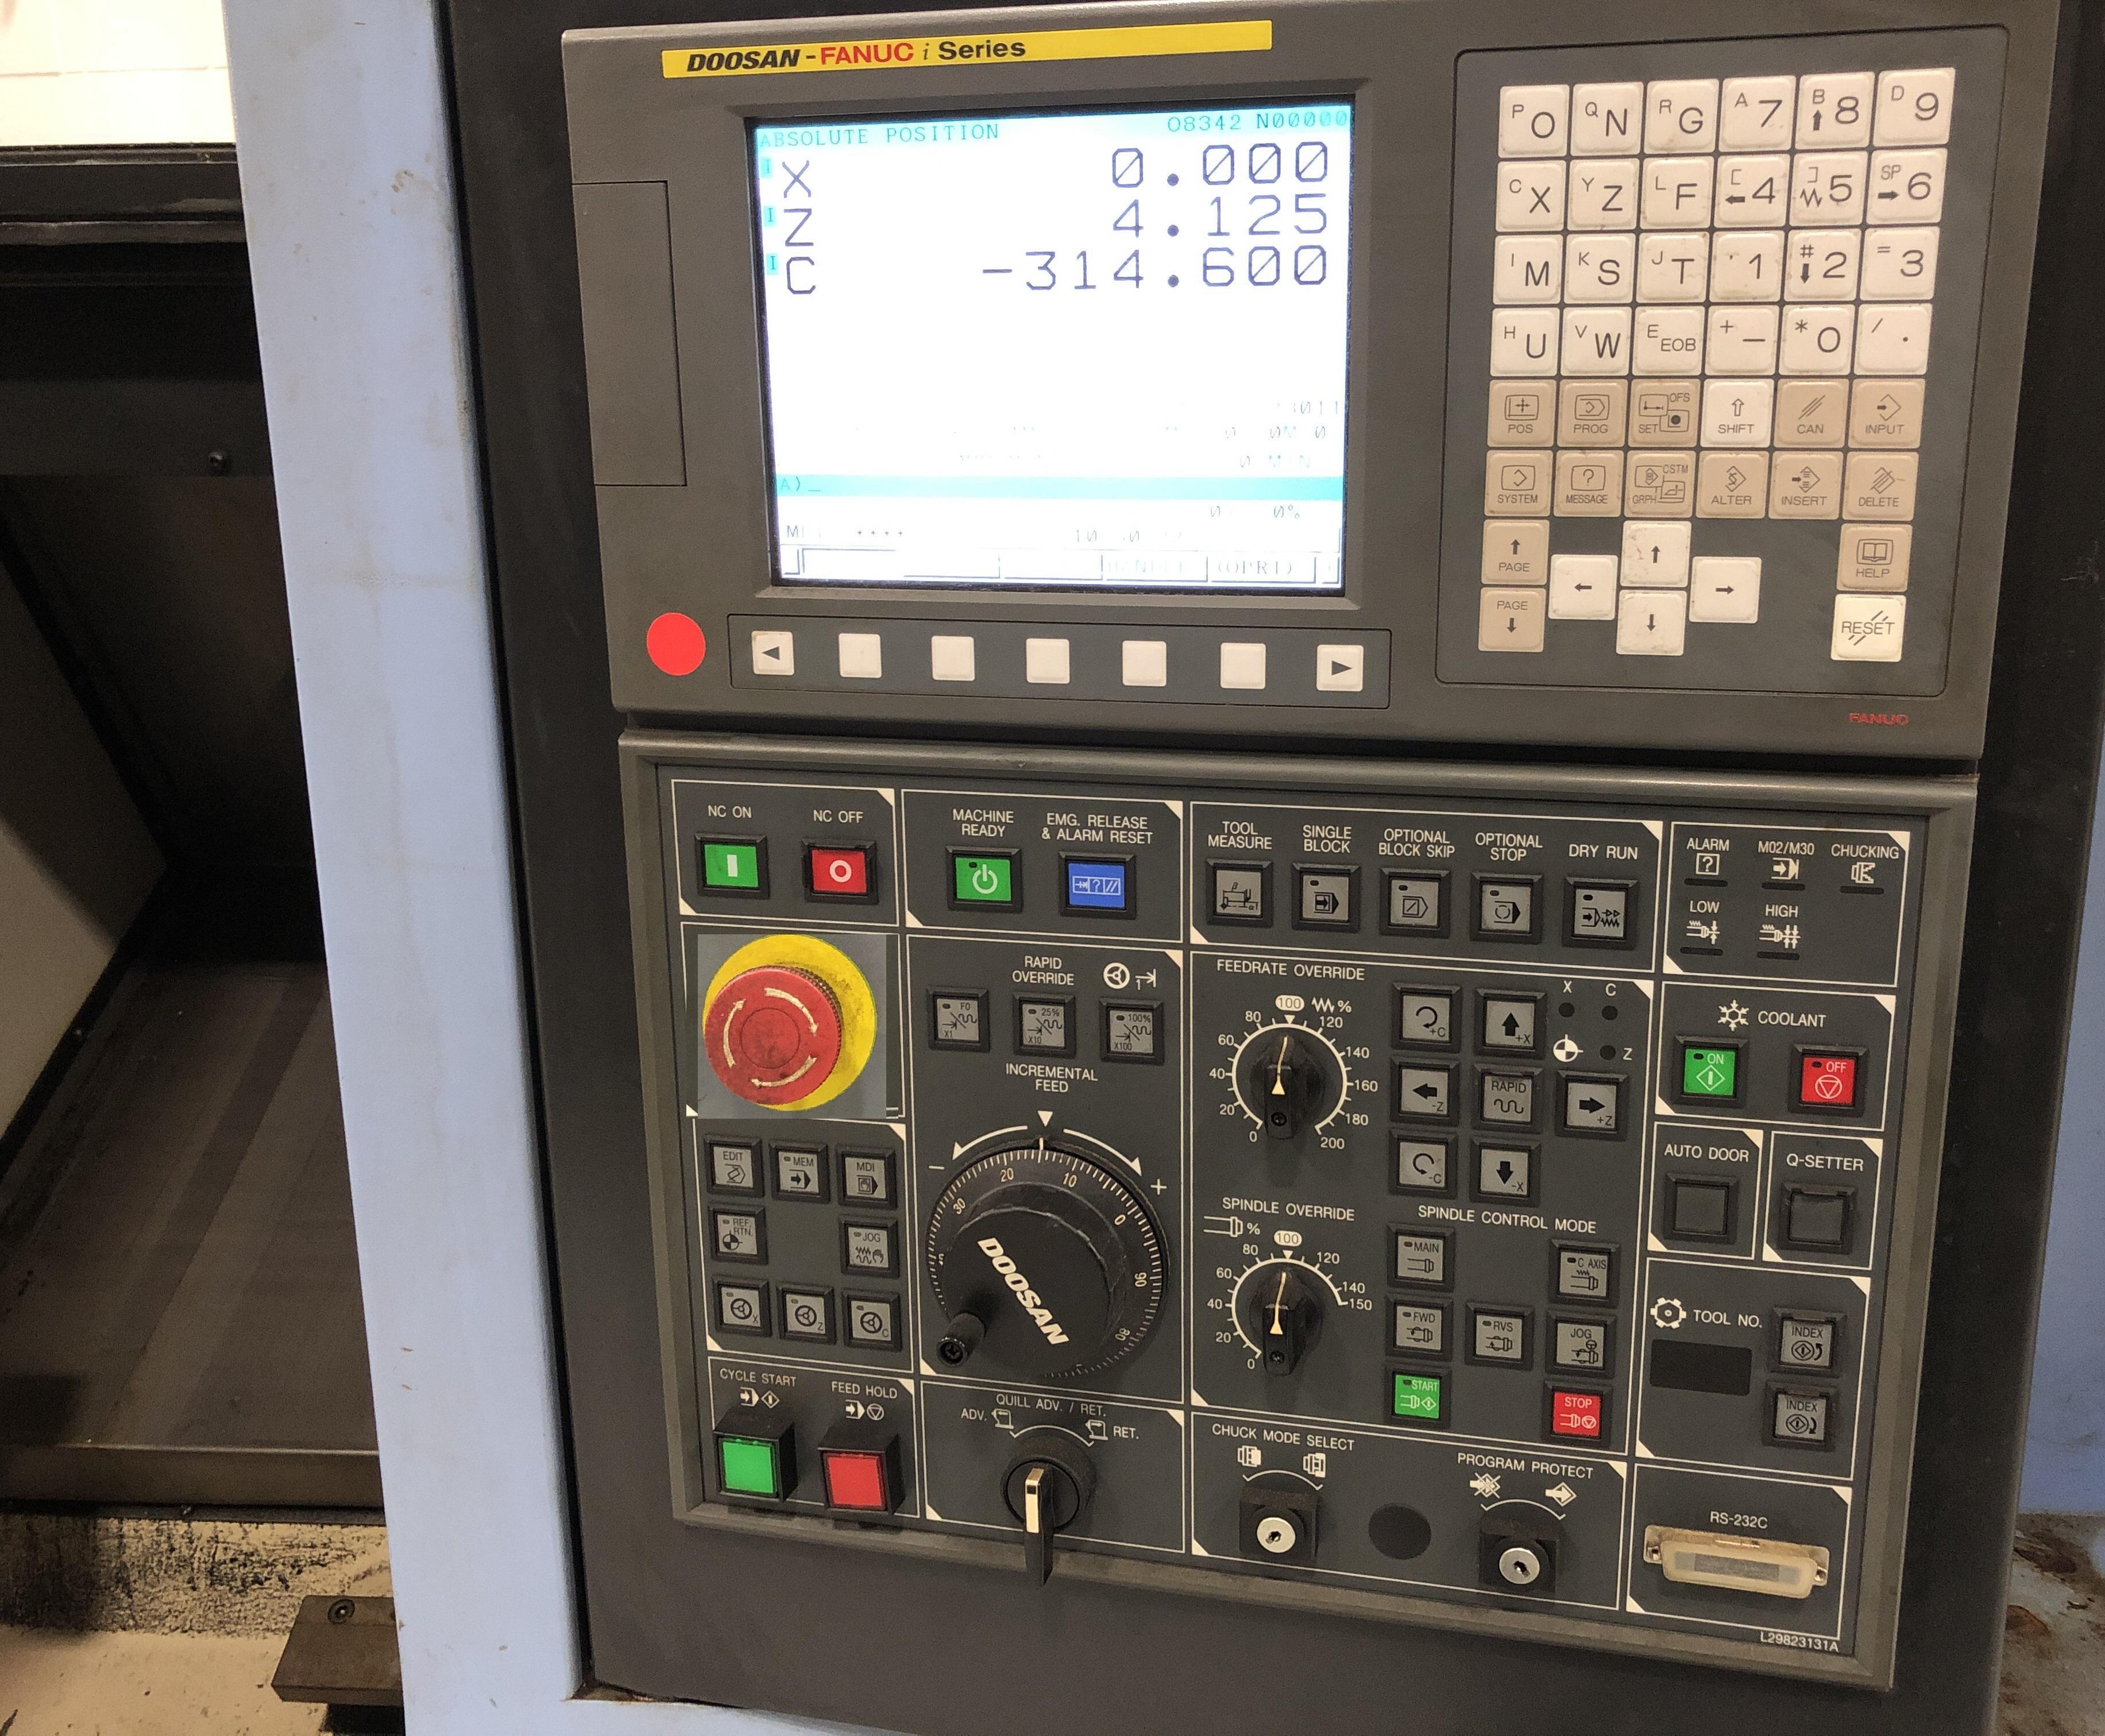 2011 DOOSAN Lynx 220LMA - CNC Horizontal Lathe